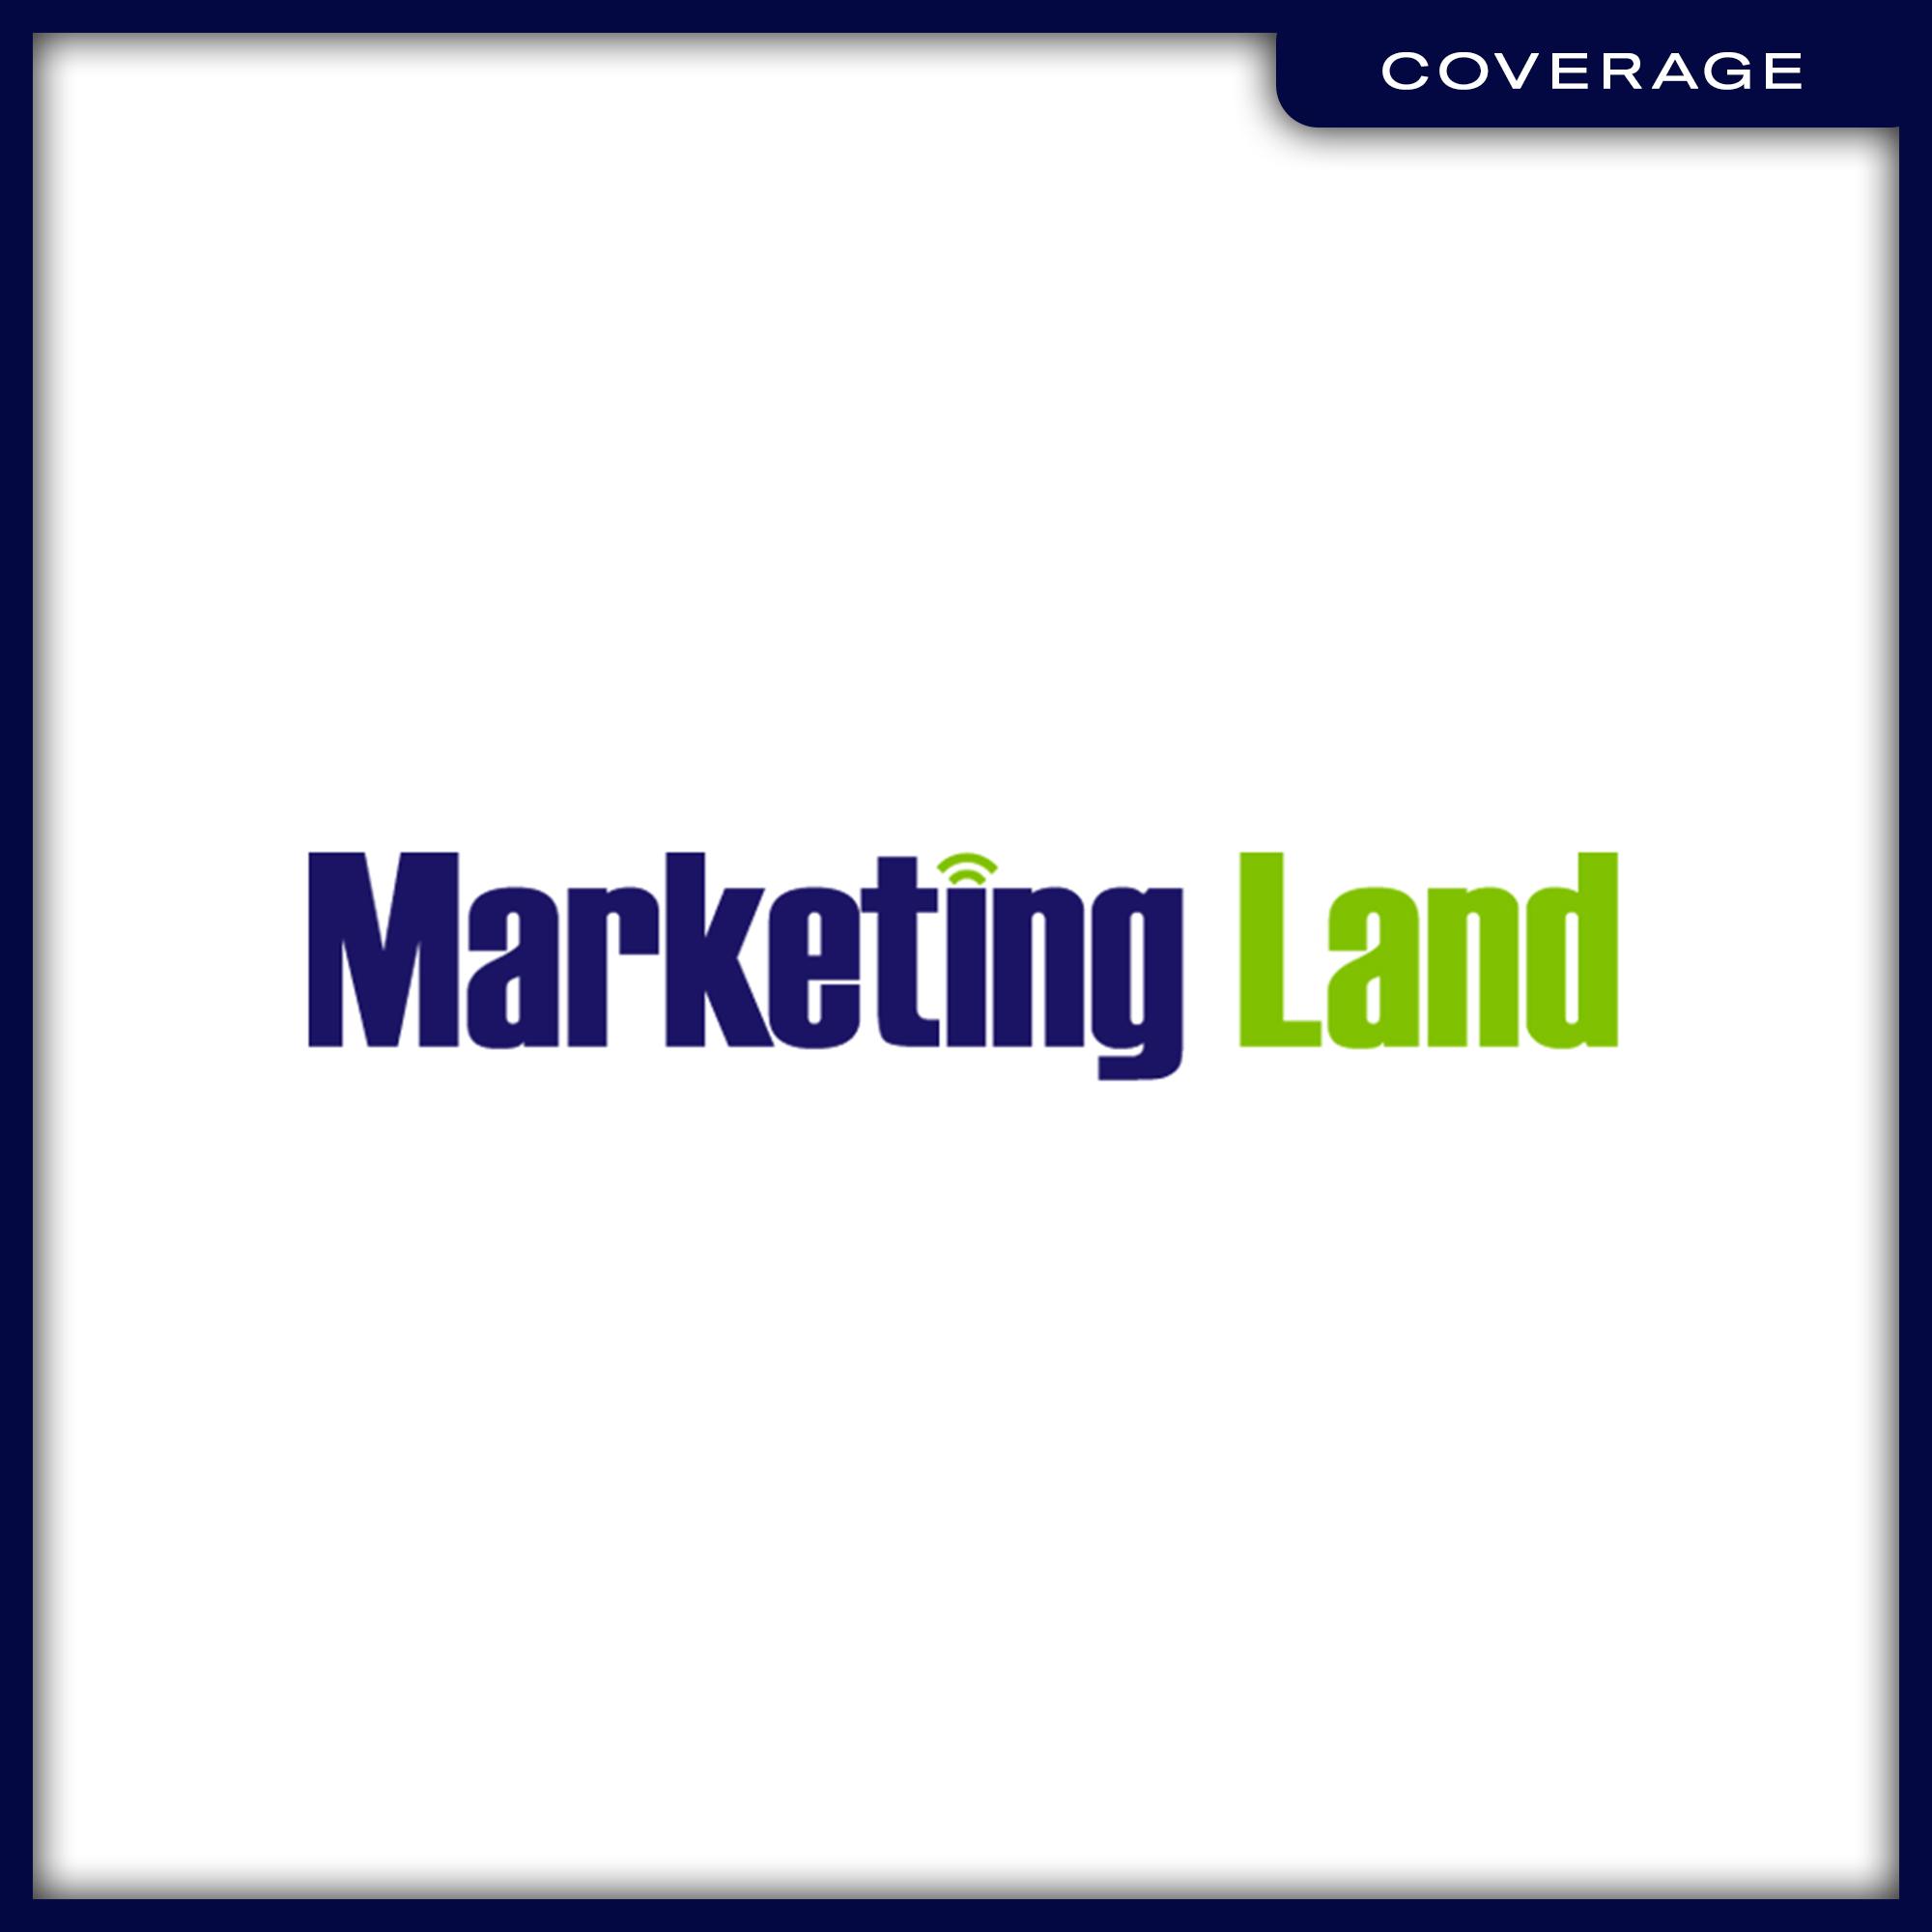 05_Coverage_MarketingLand